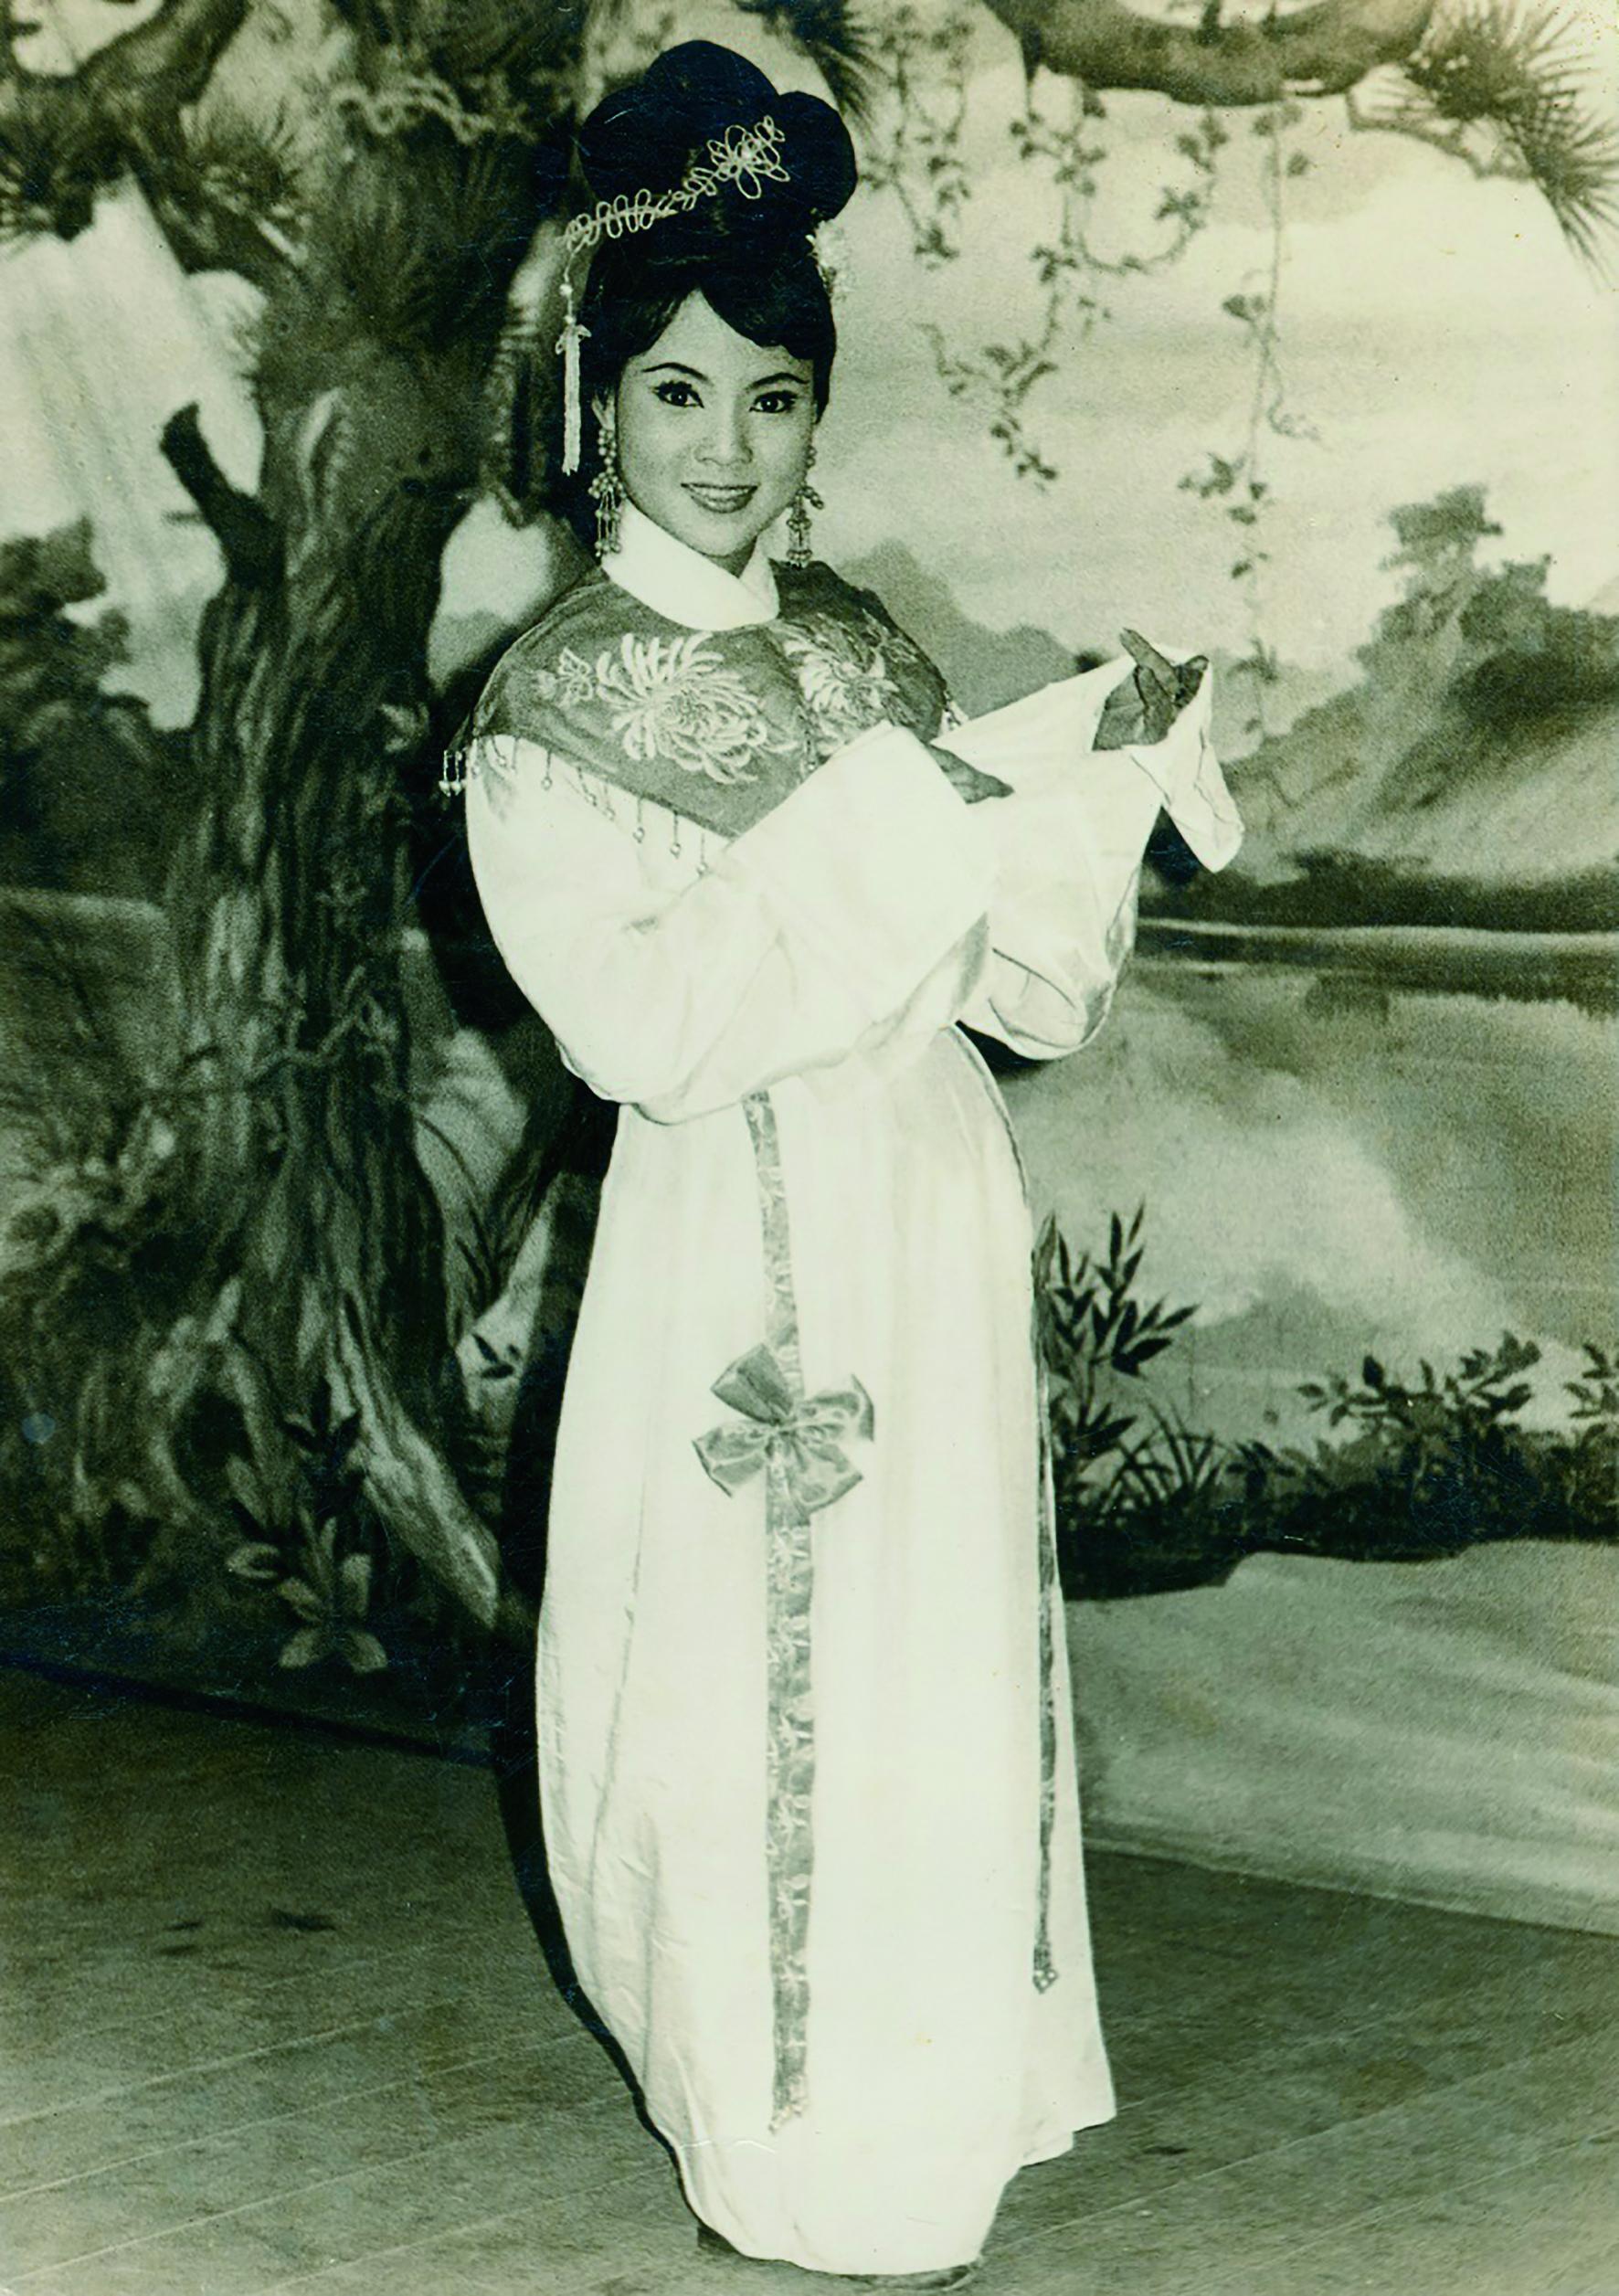 王金櫻是受觀眾喜愛的歌仔戲旦角.jpg